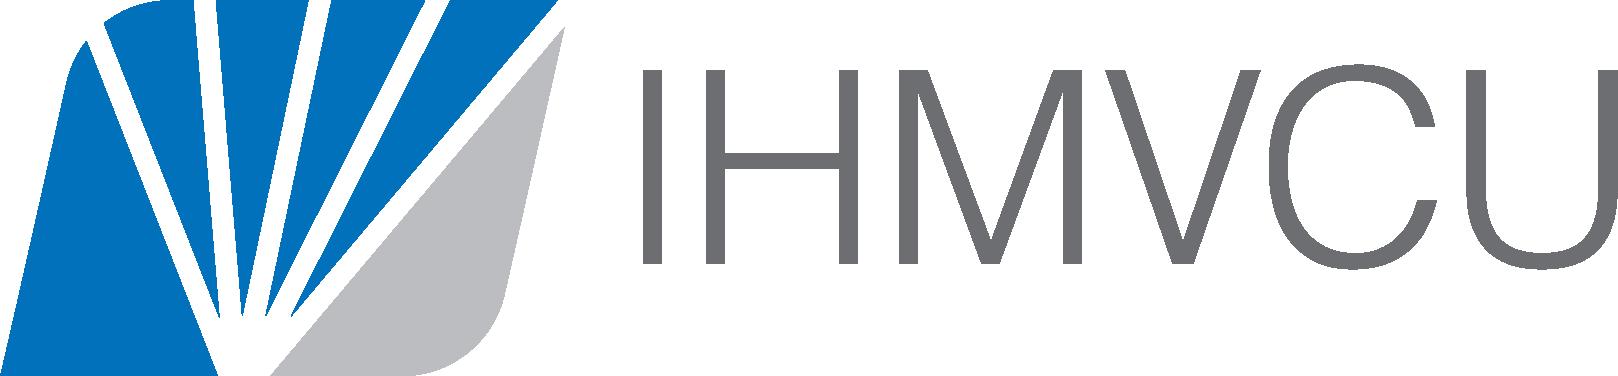 IHMVCU